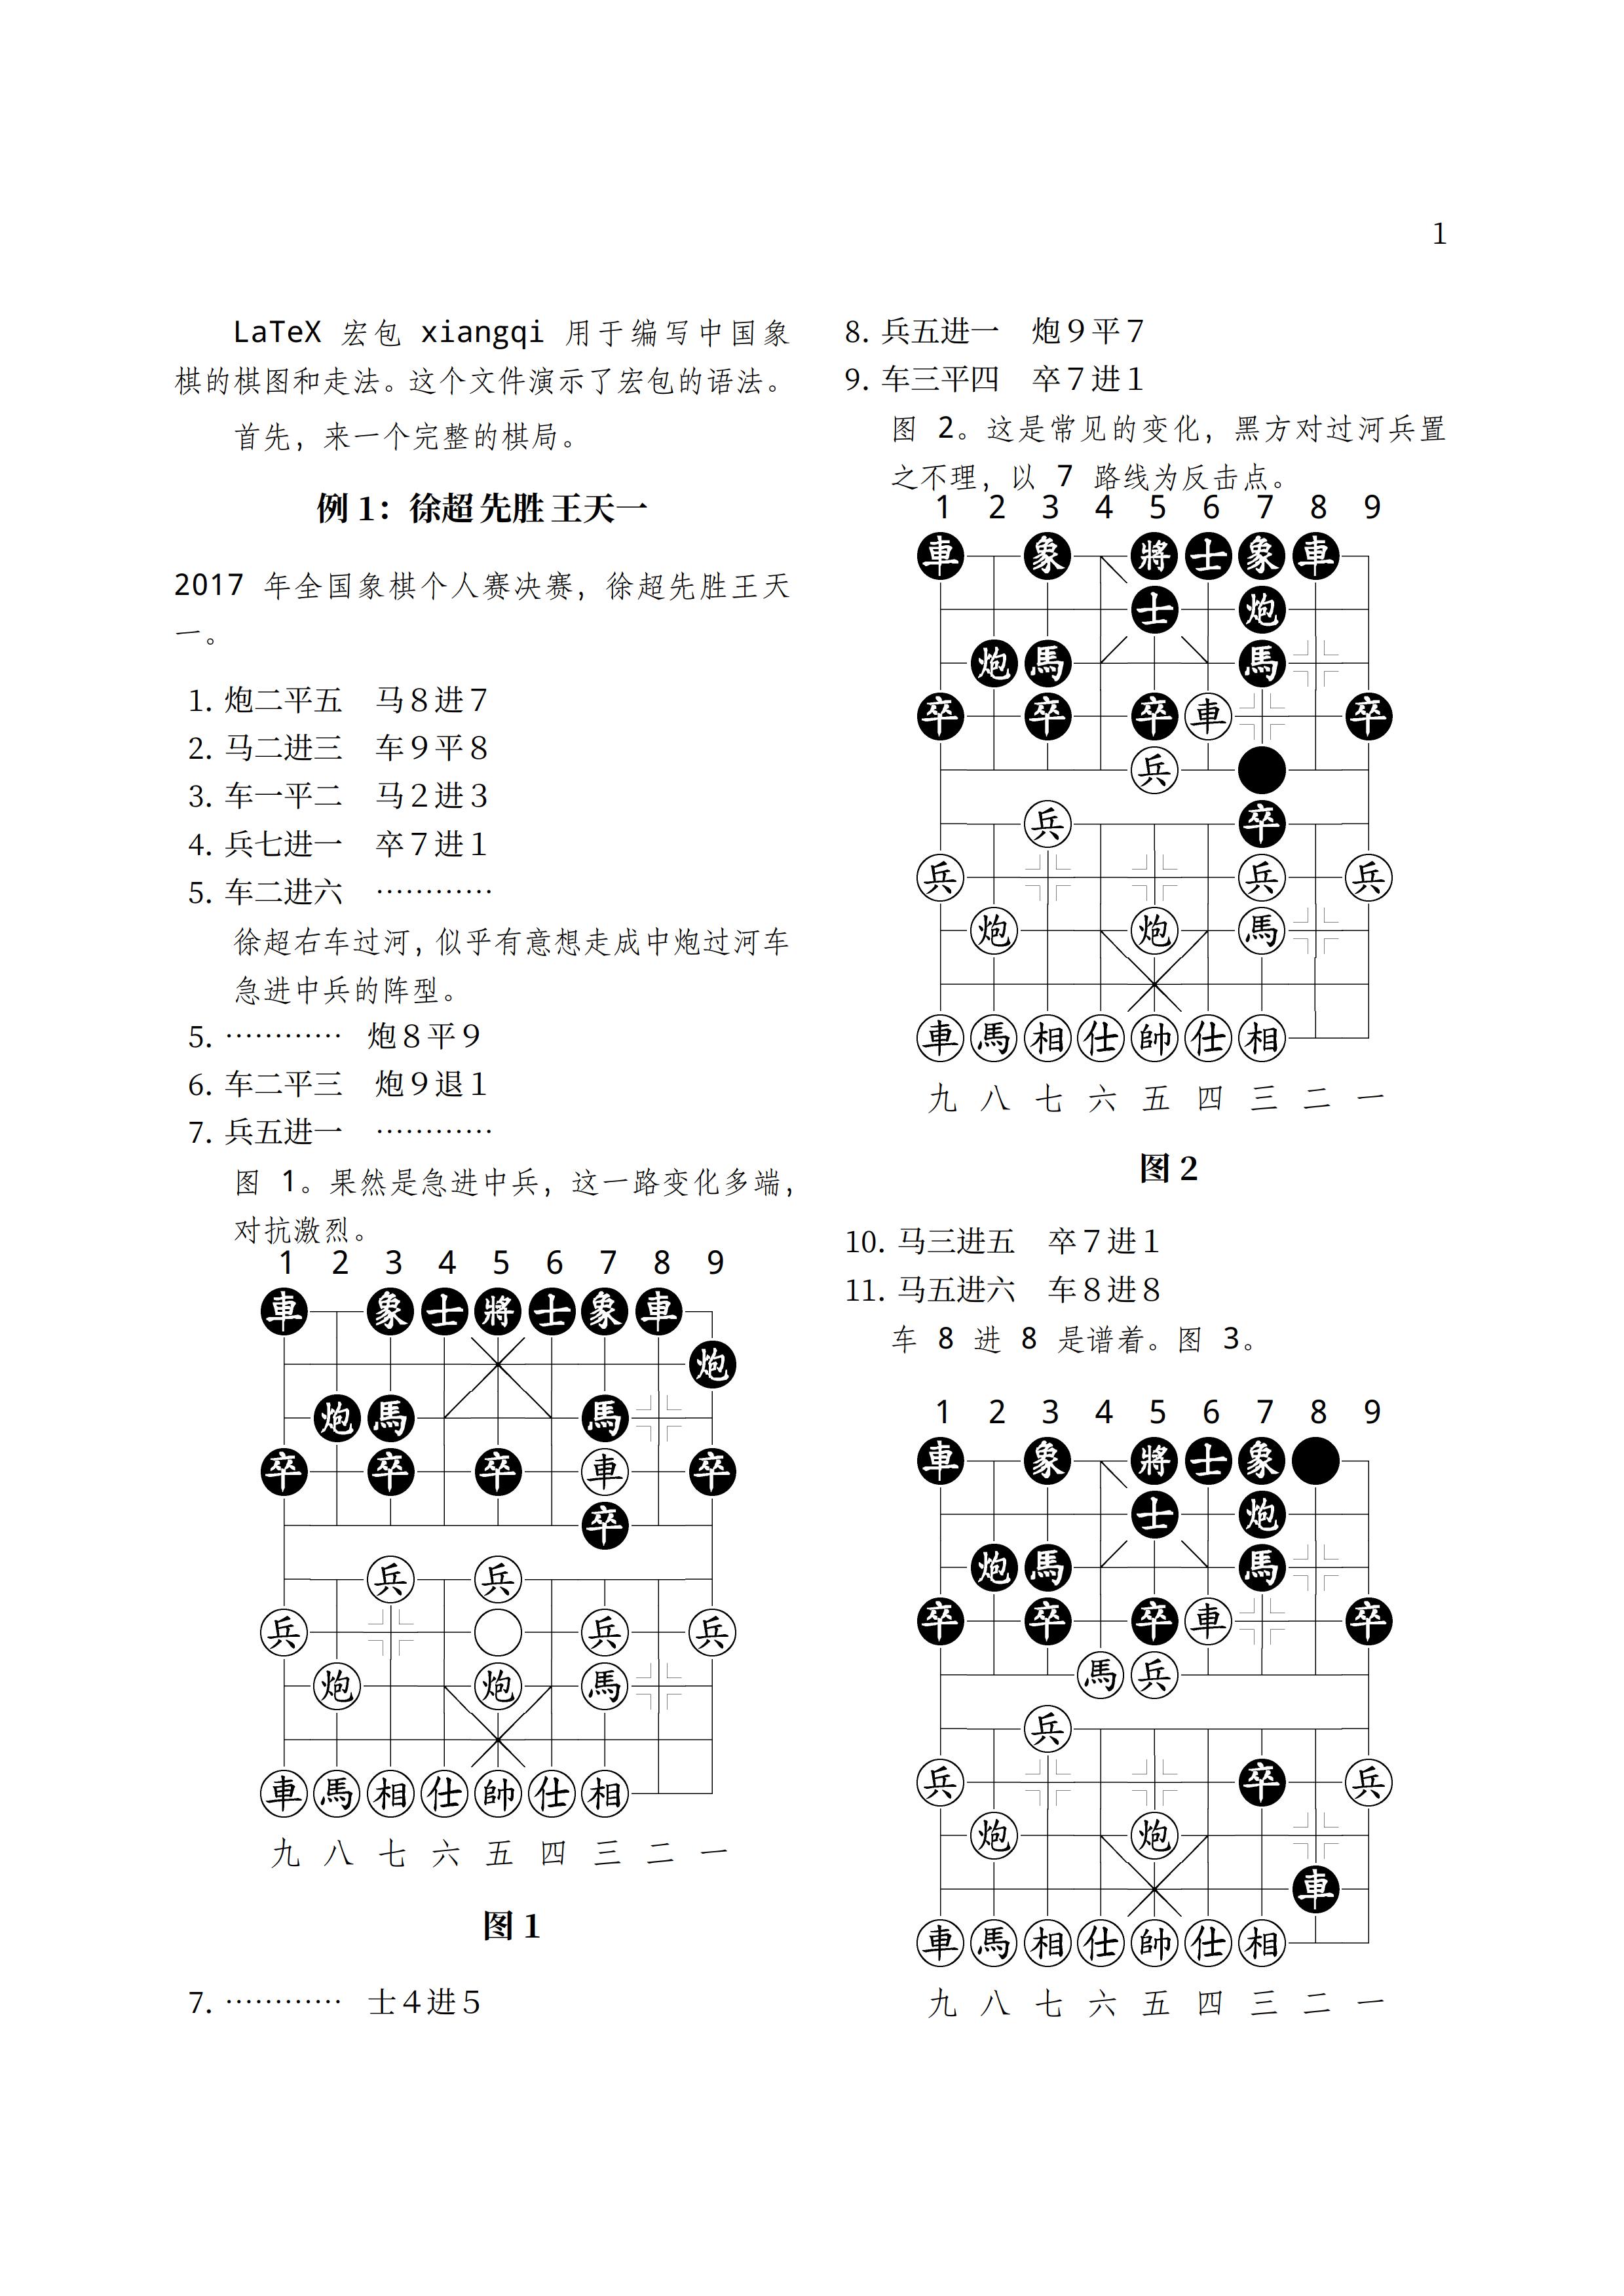 中国象棋宏包 xq.sty 的微调版 xiangqi.sty